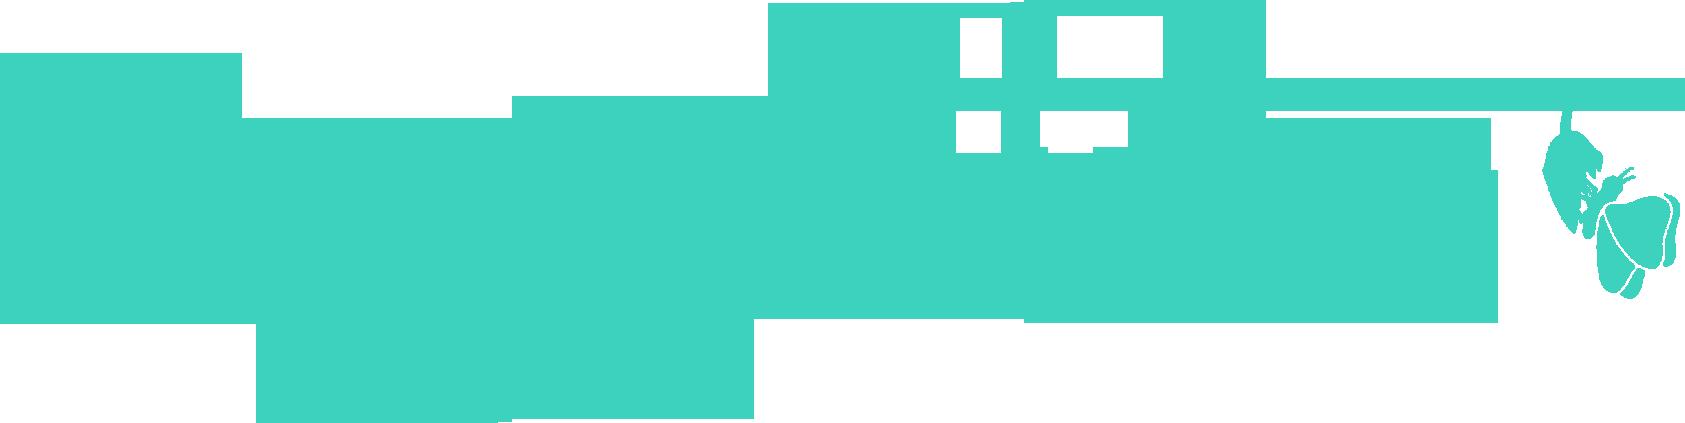 Lagartas logo.png